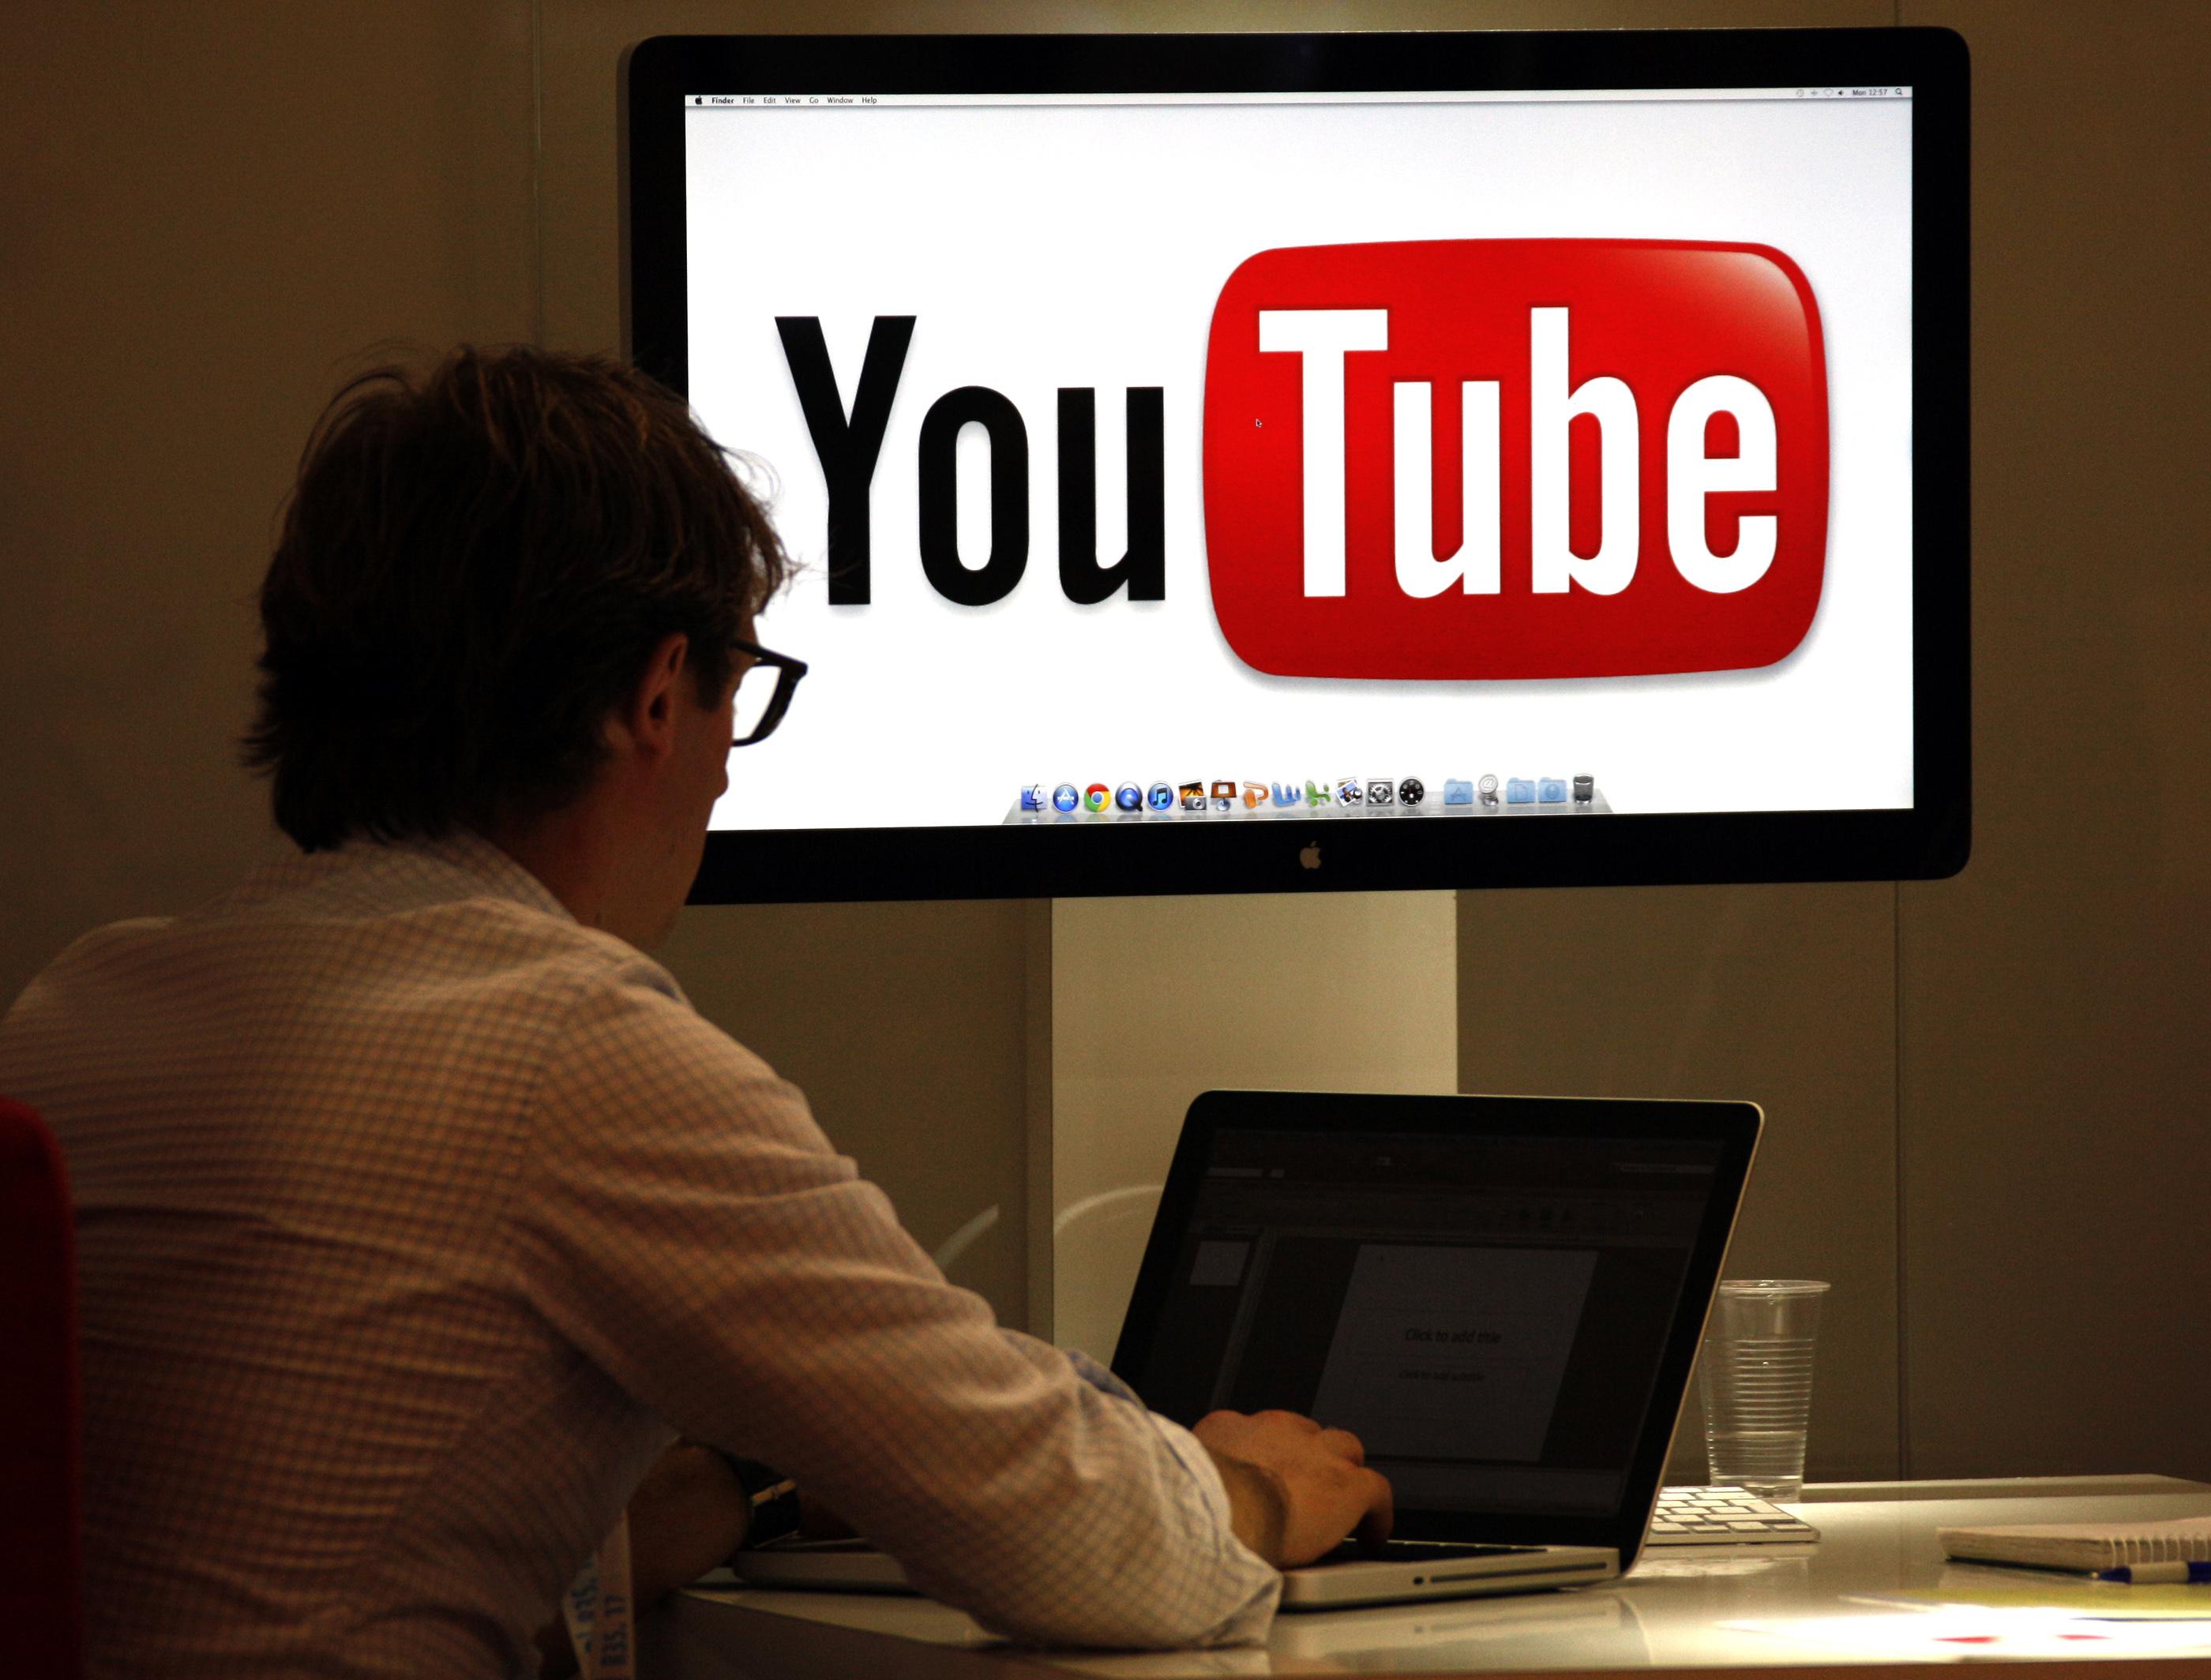 ¿Cómo aumentar el tiempo que esperas que se vean tus vídeos en YouTube?